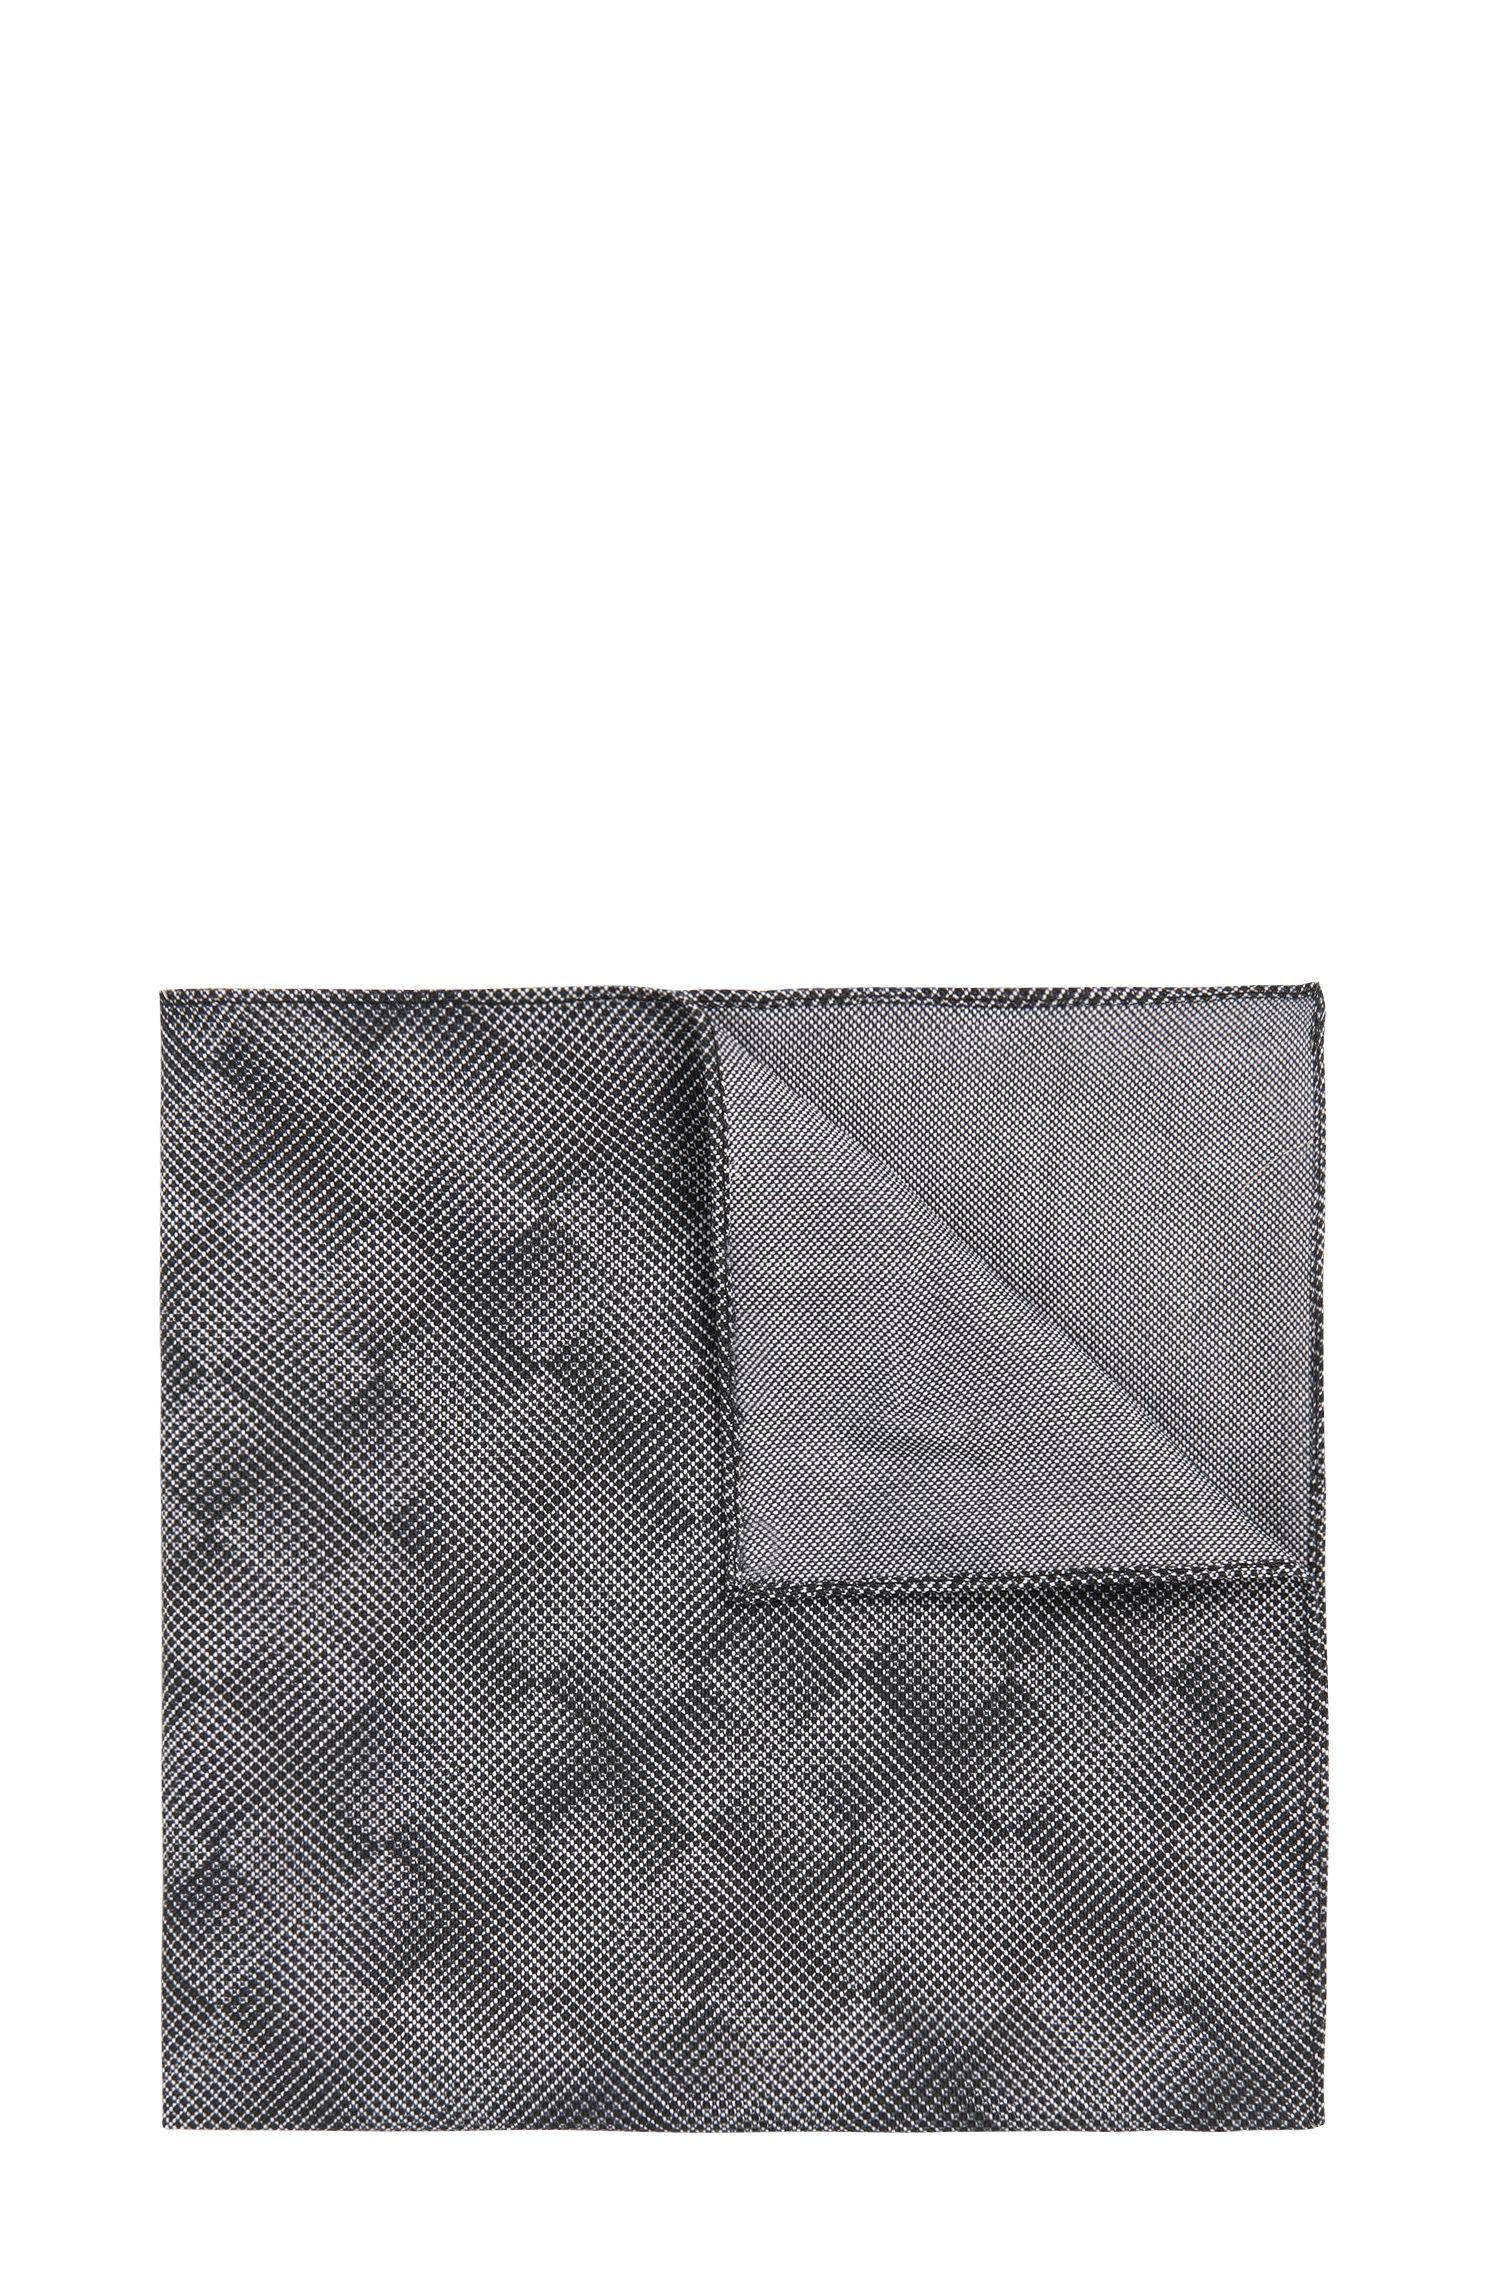 Einstecktuch aus Baumwolle mit grafischem Muster: 'Pocket sq. cm 33x33'